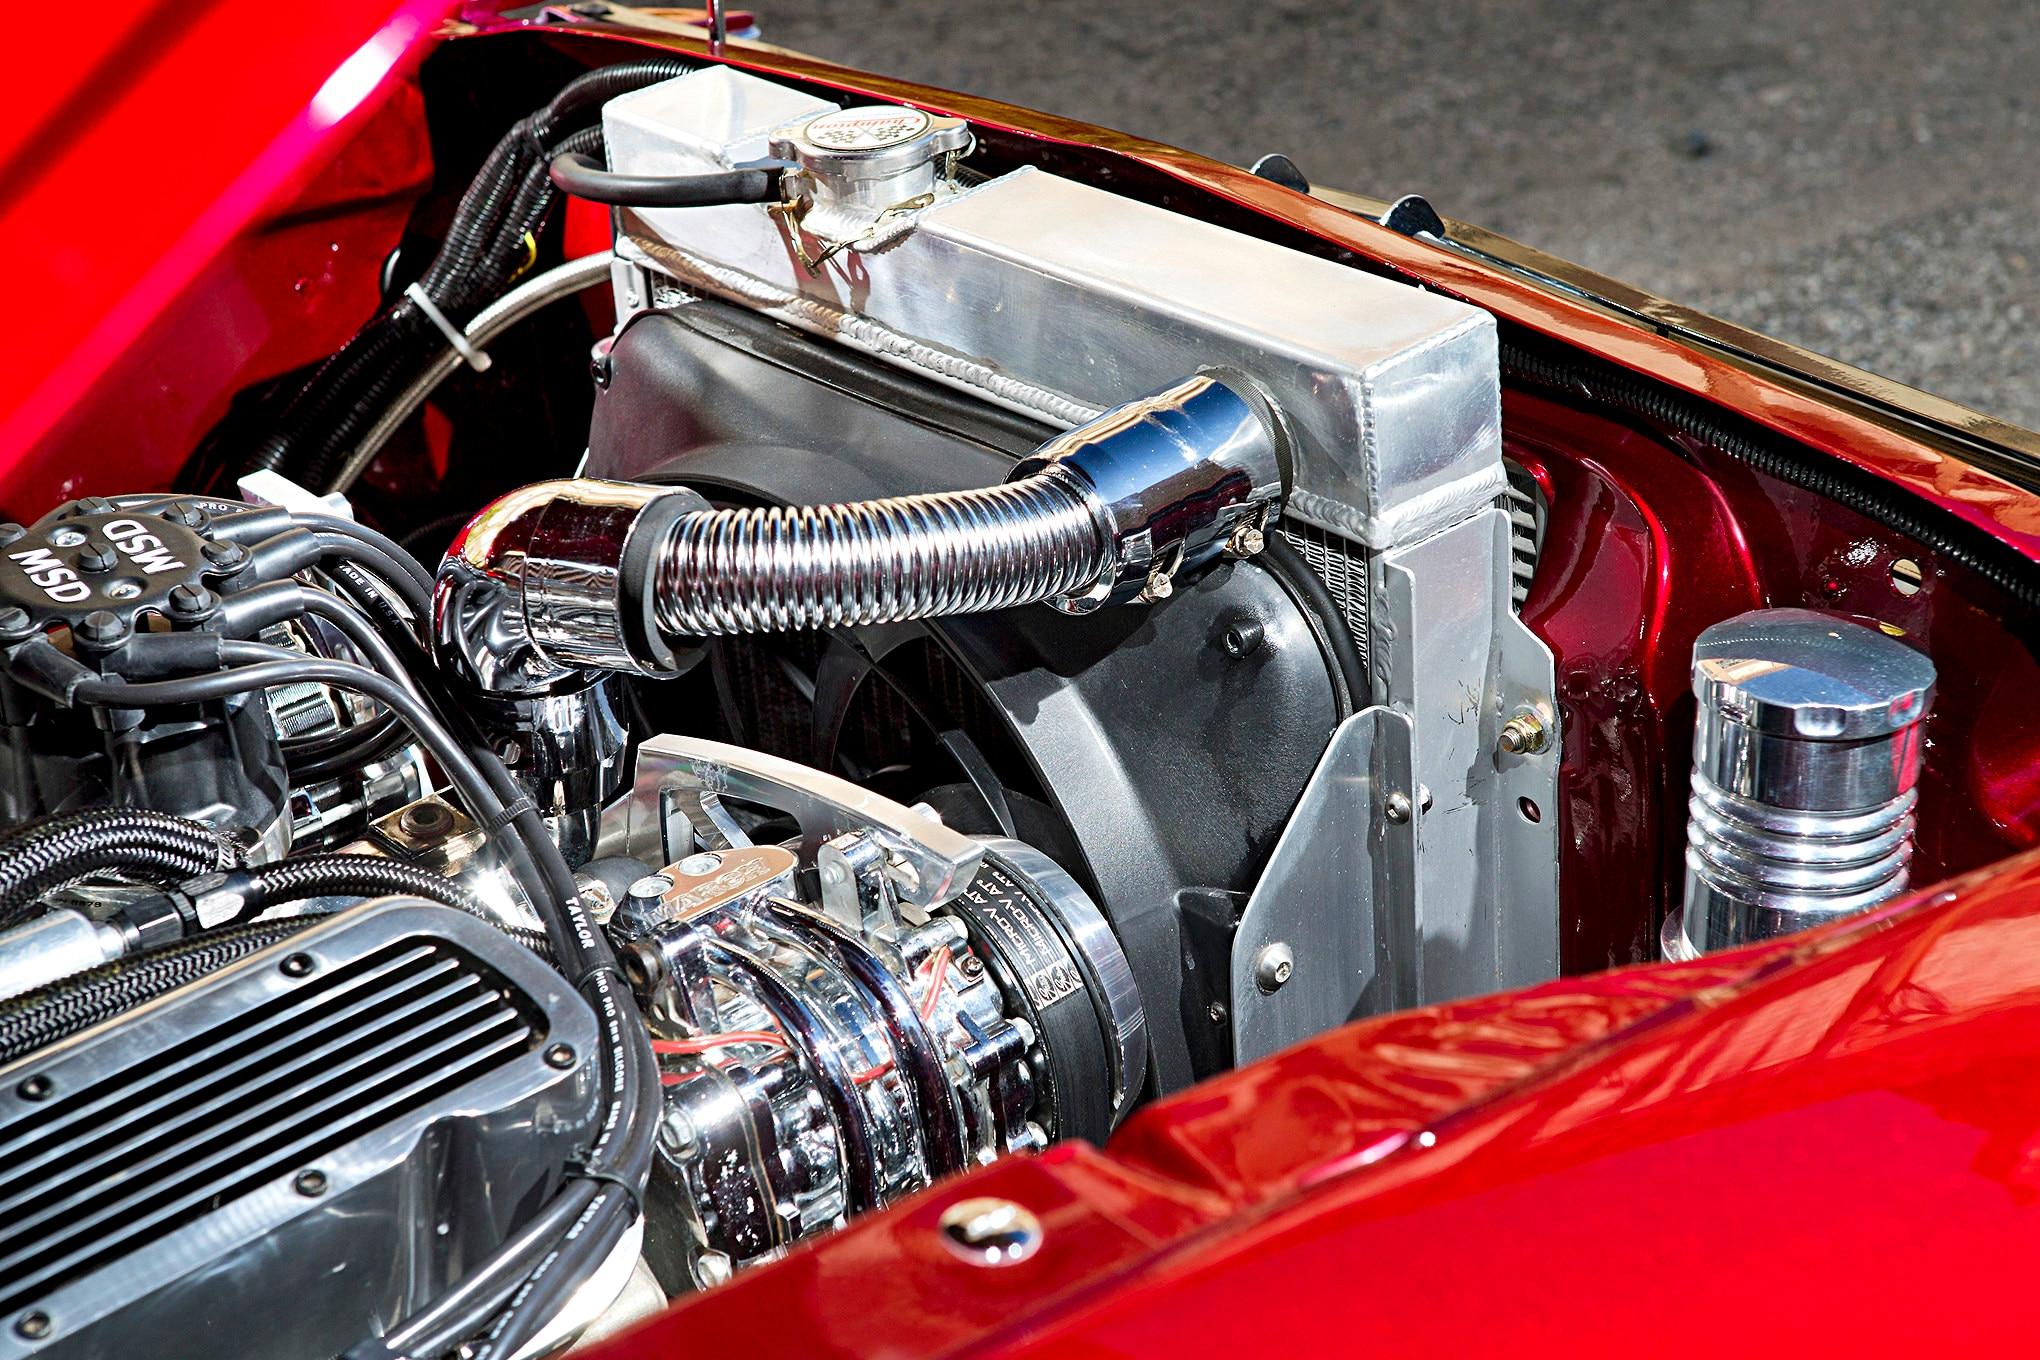 019 1966 Mustang Radiator